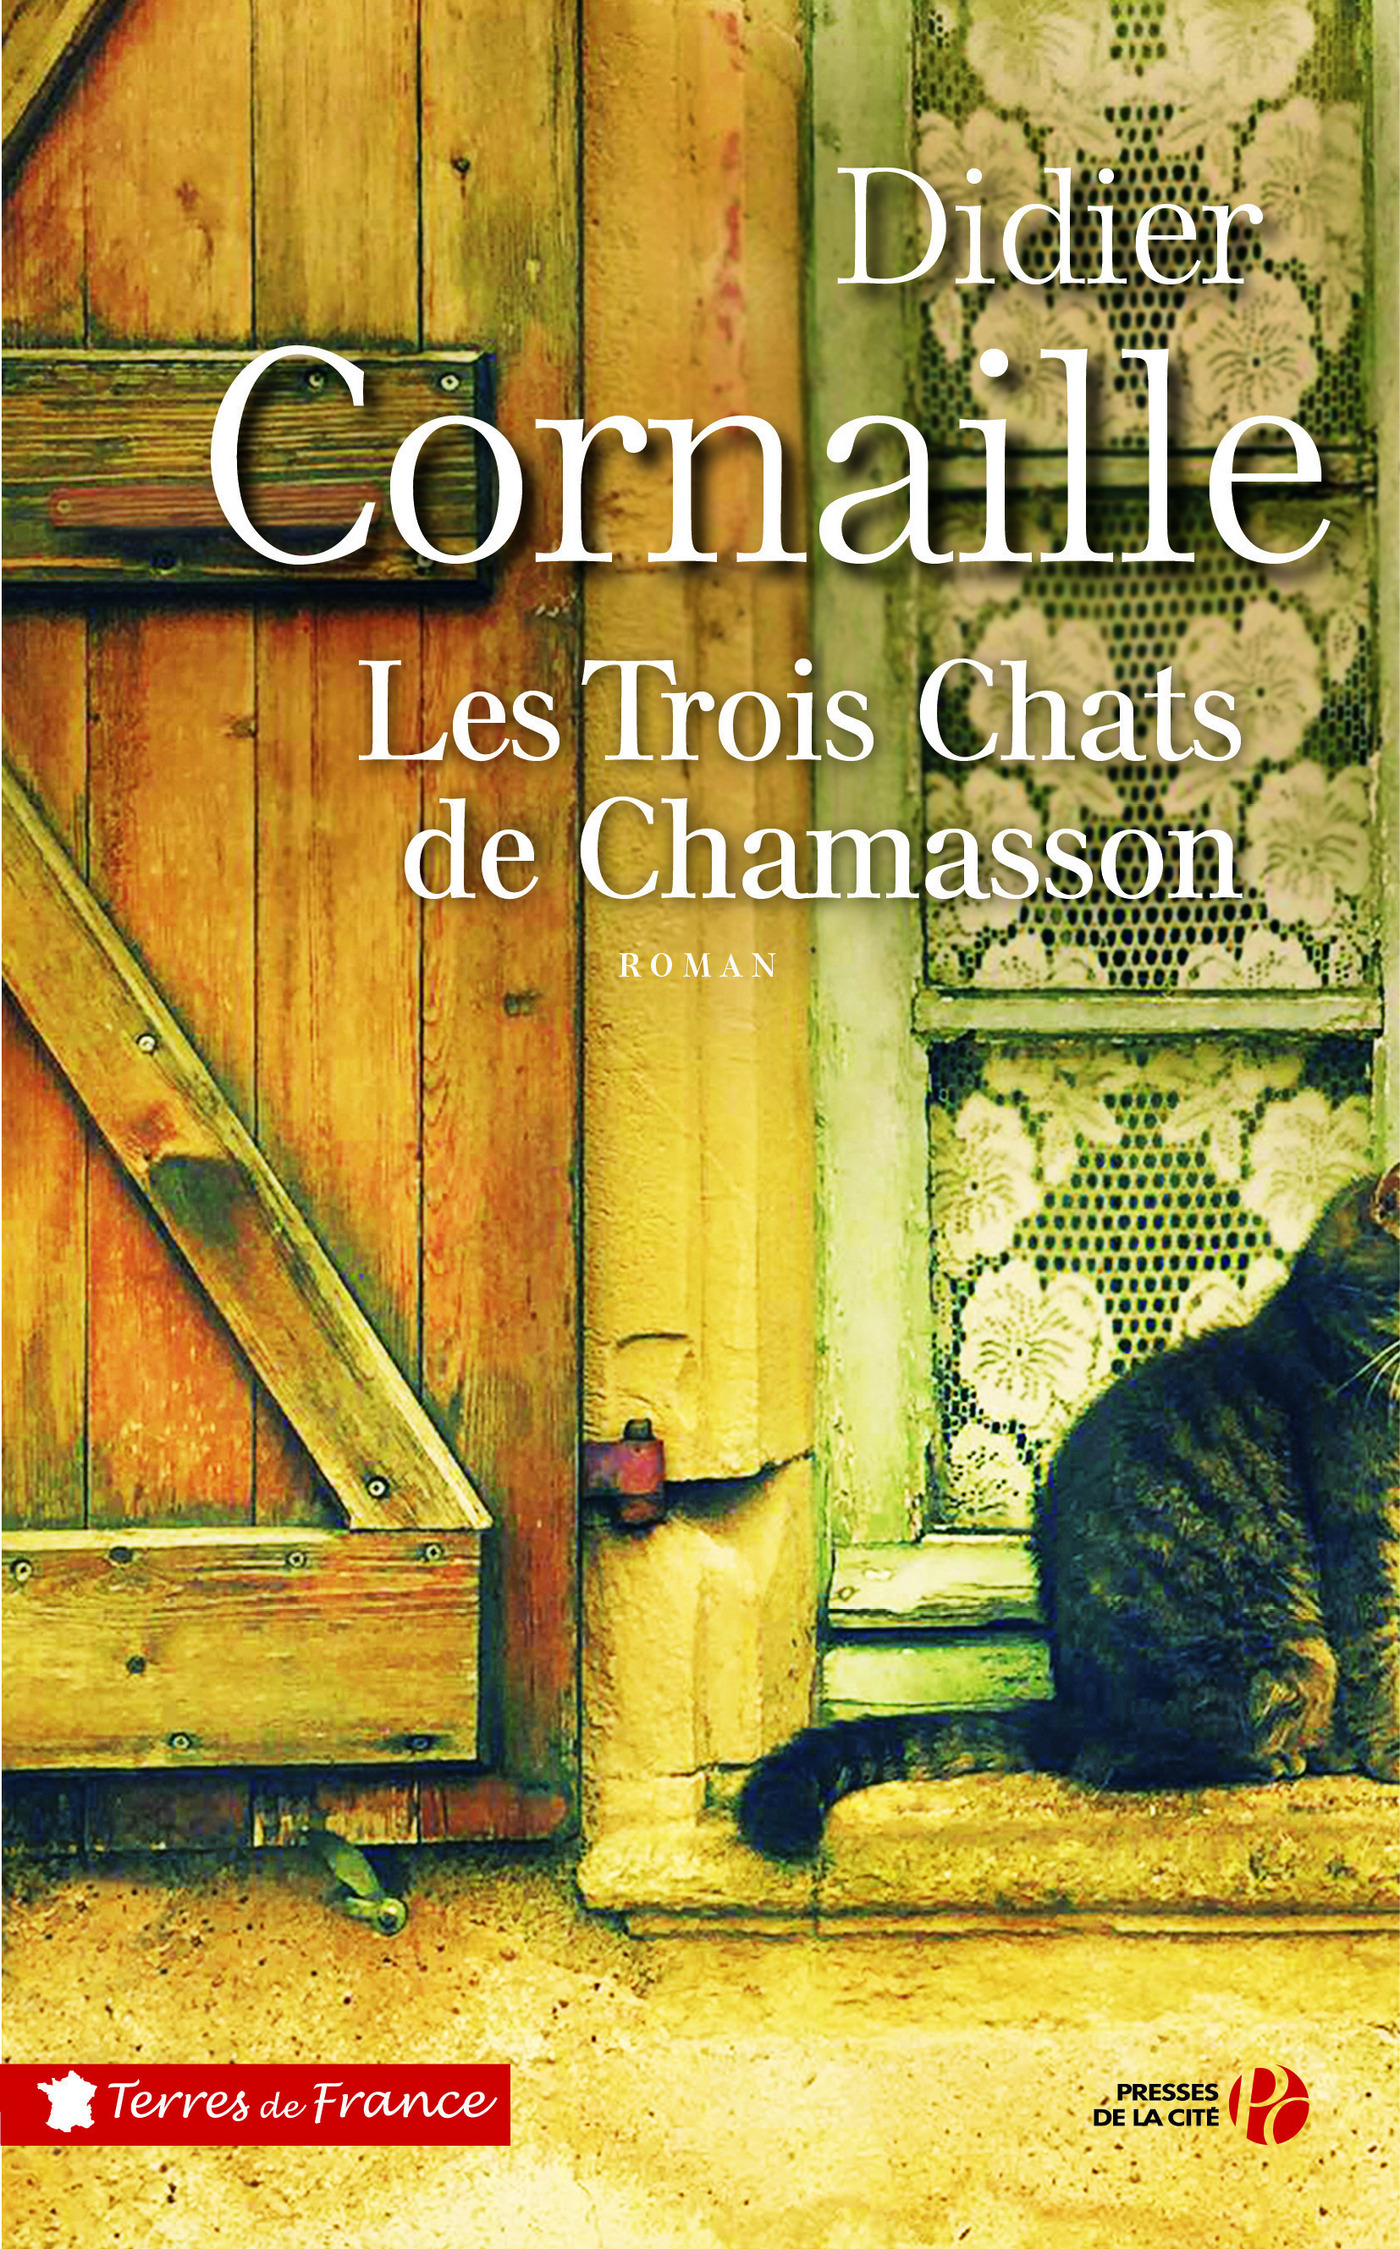 Les trois chats de Chamasson | CORNAILLE, Didier